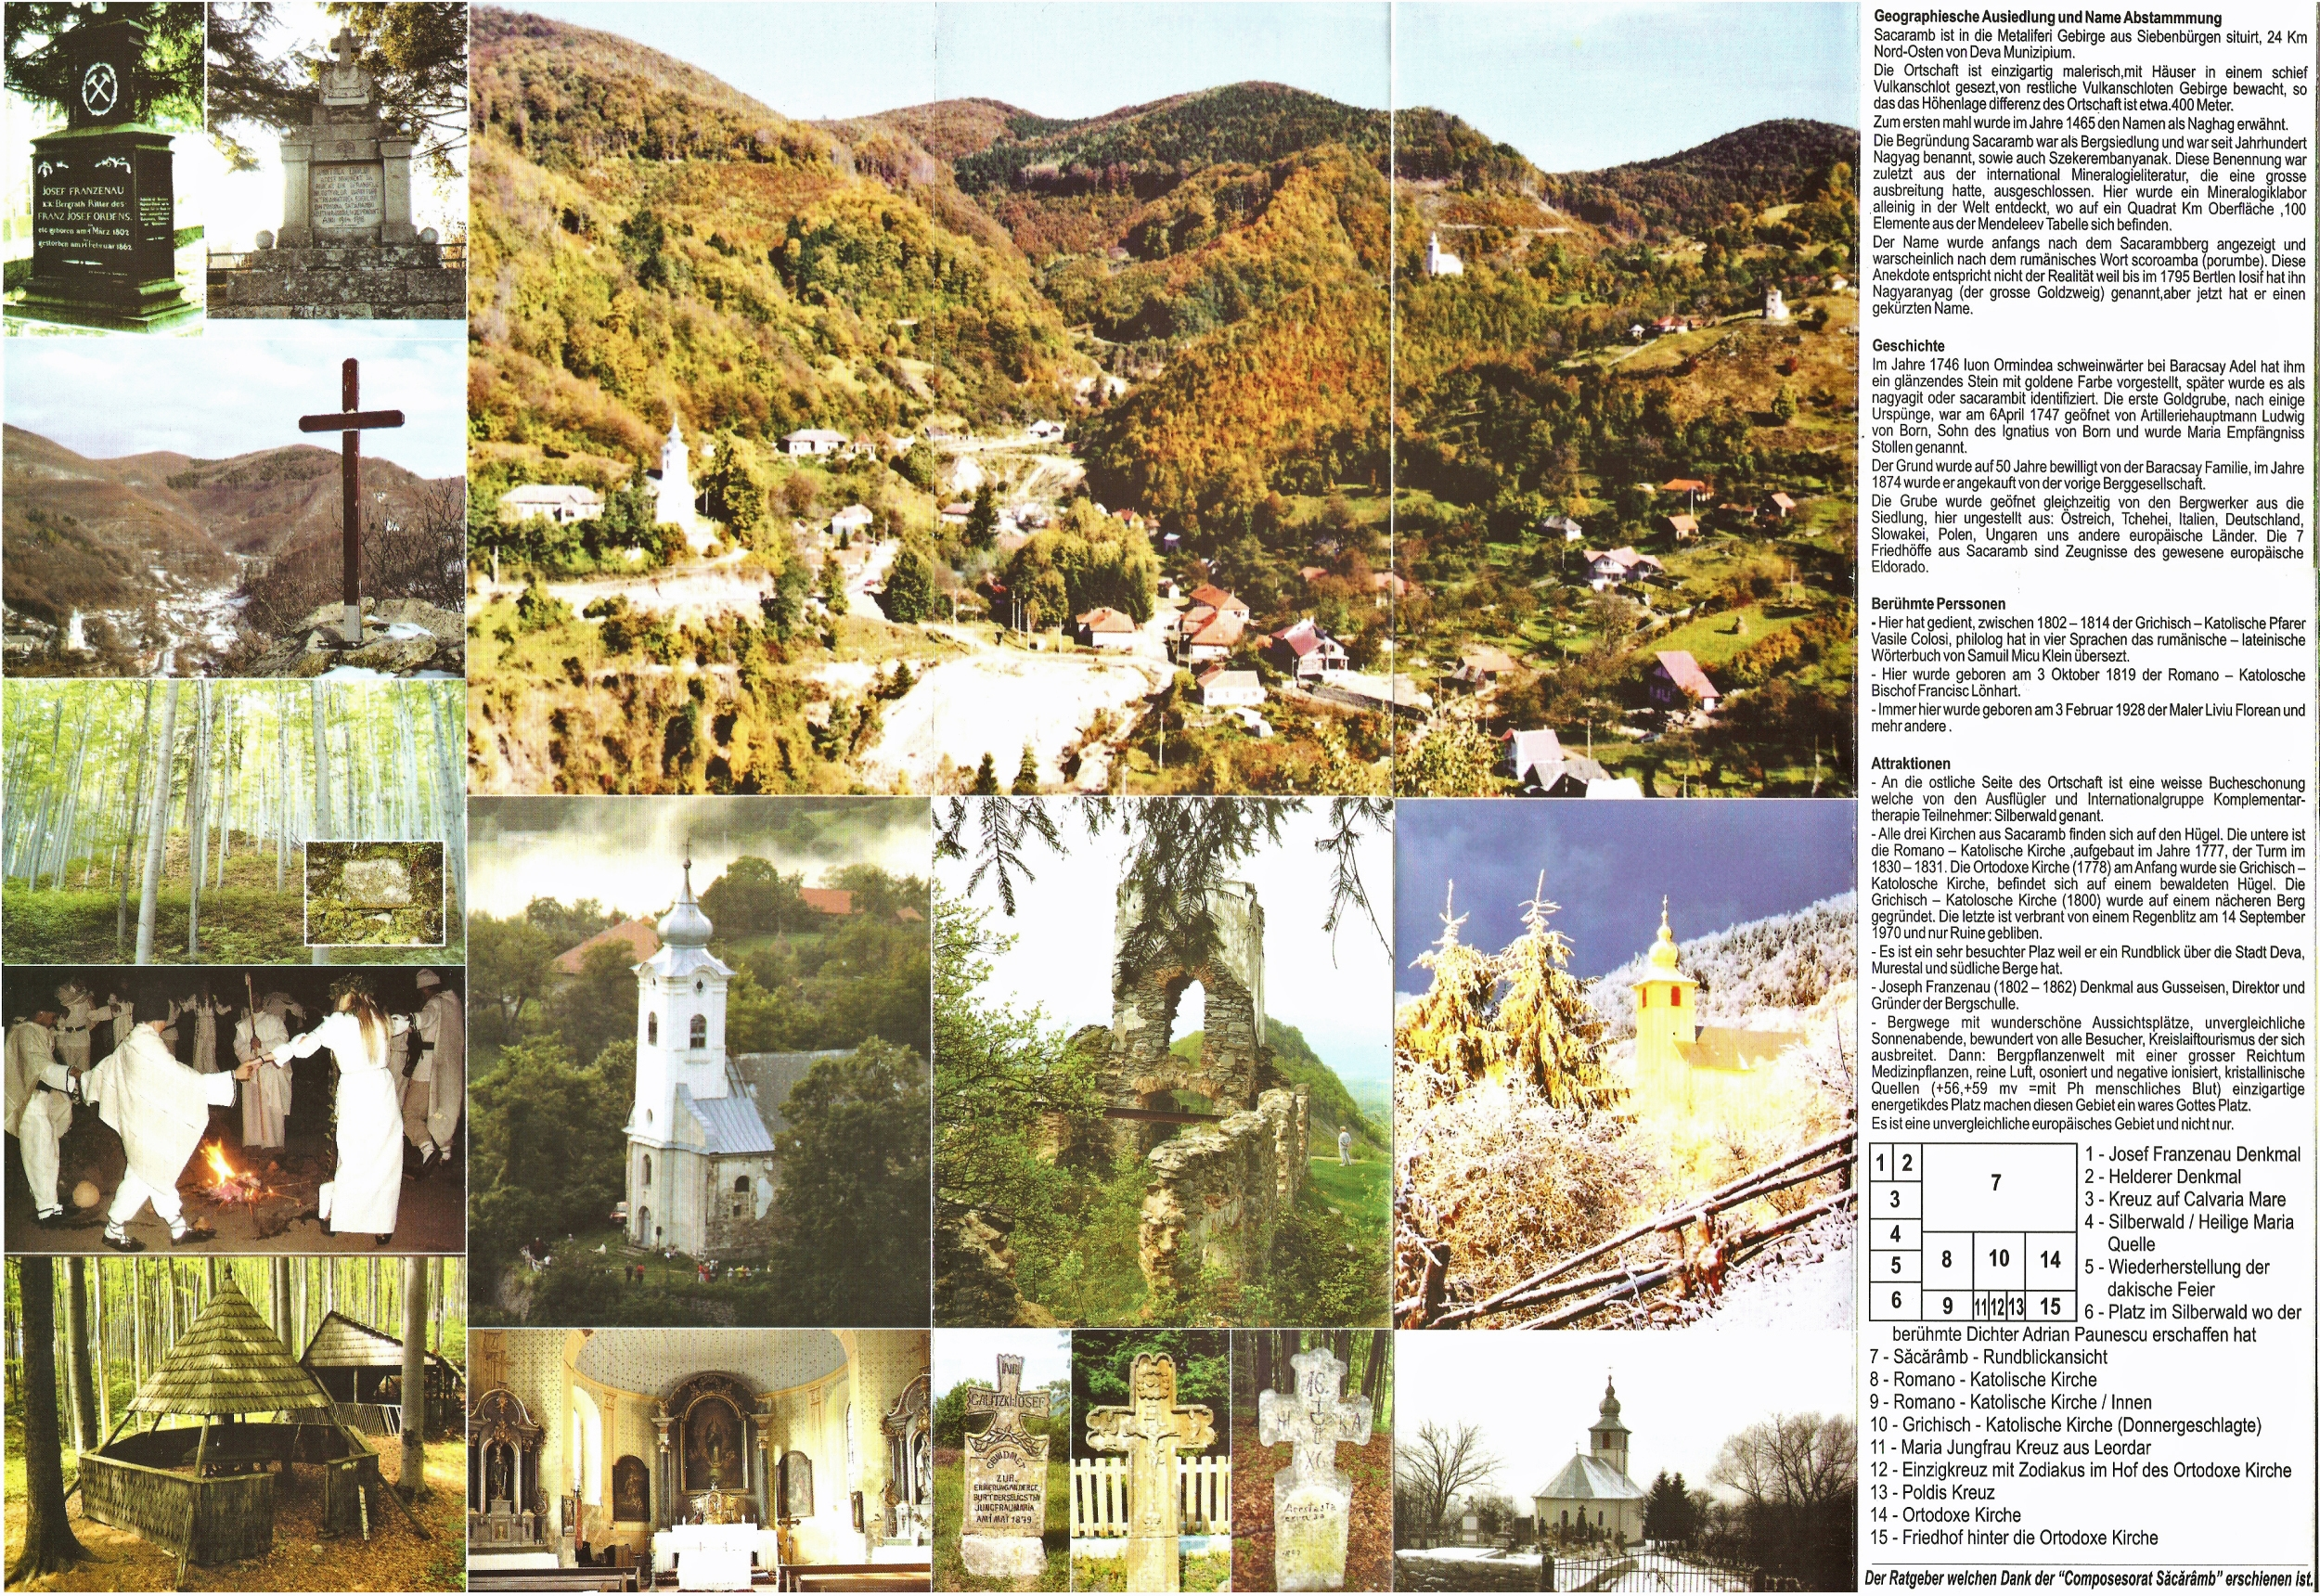 Im europäischen Eldorado - Certeju de Sus ... Sacaramb ... Hondol